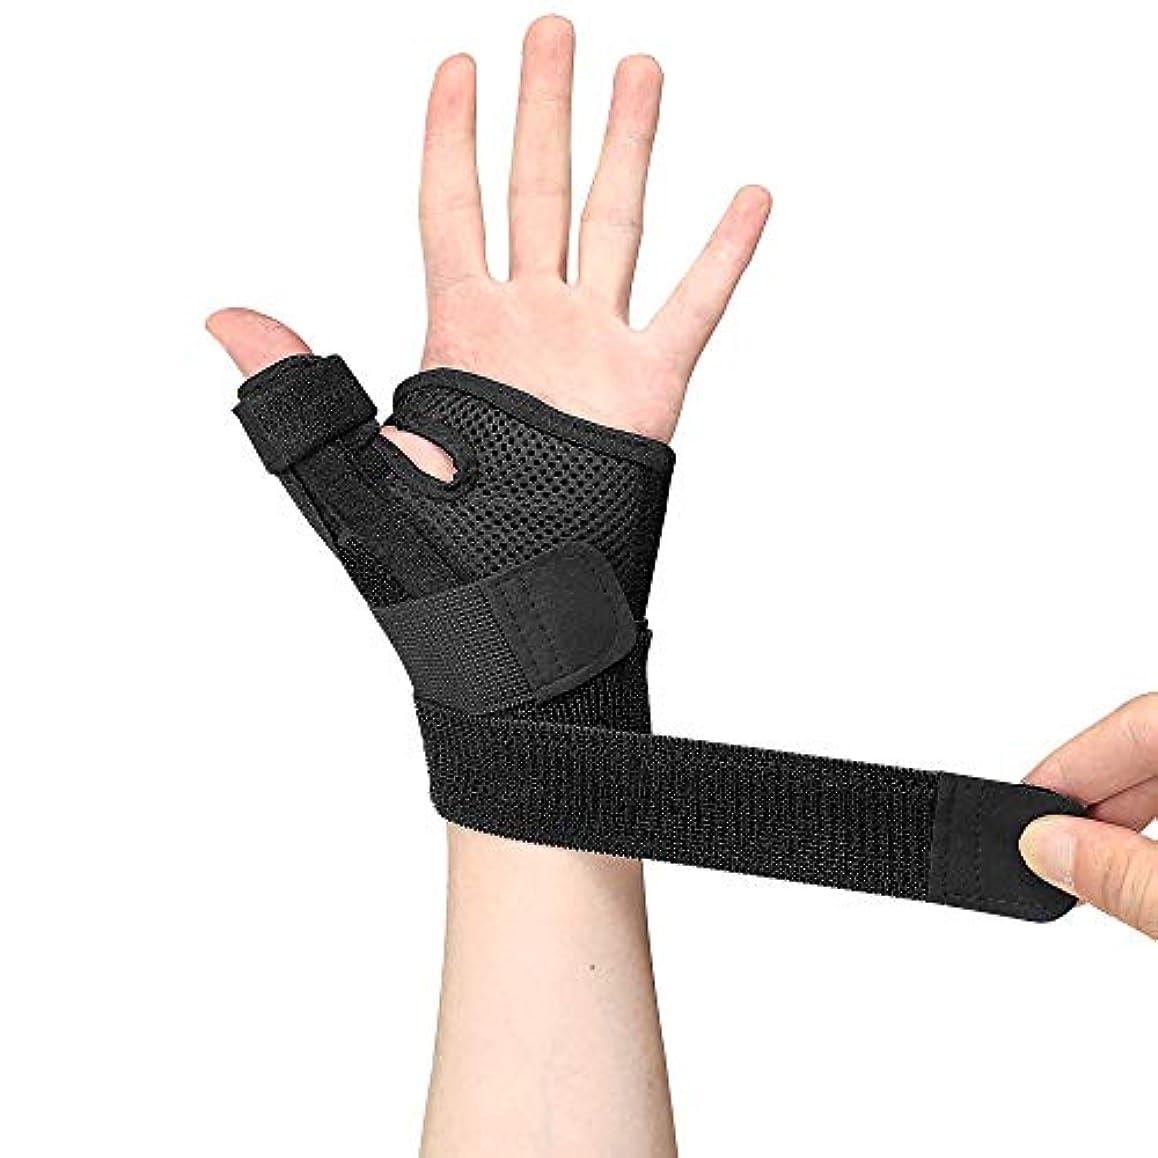 責め松明電話する手首の睡眠サポート - 両手にフィット - 手根管の手助けをし、手首の痛みを和らげ、和らげます。